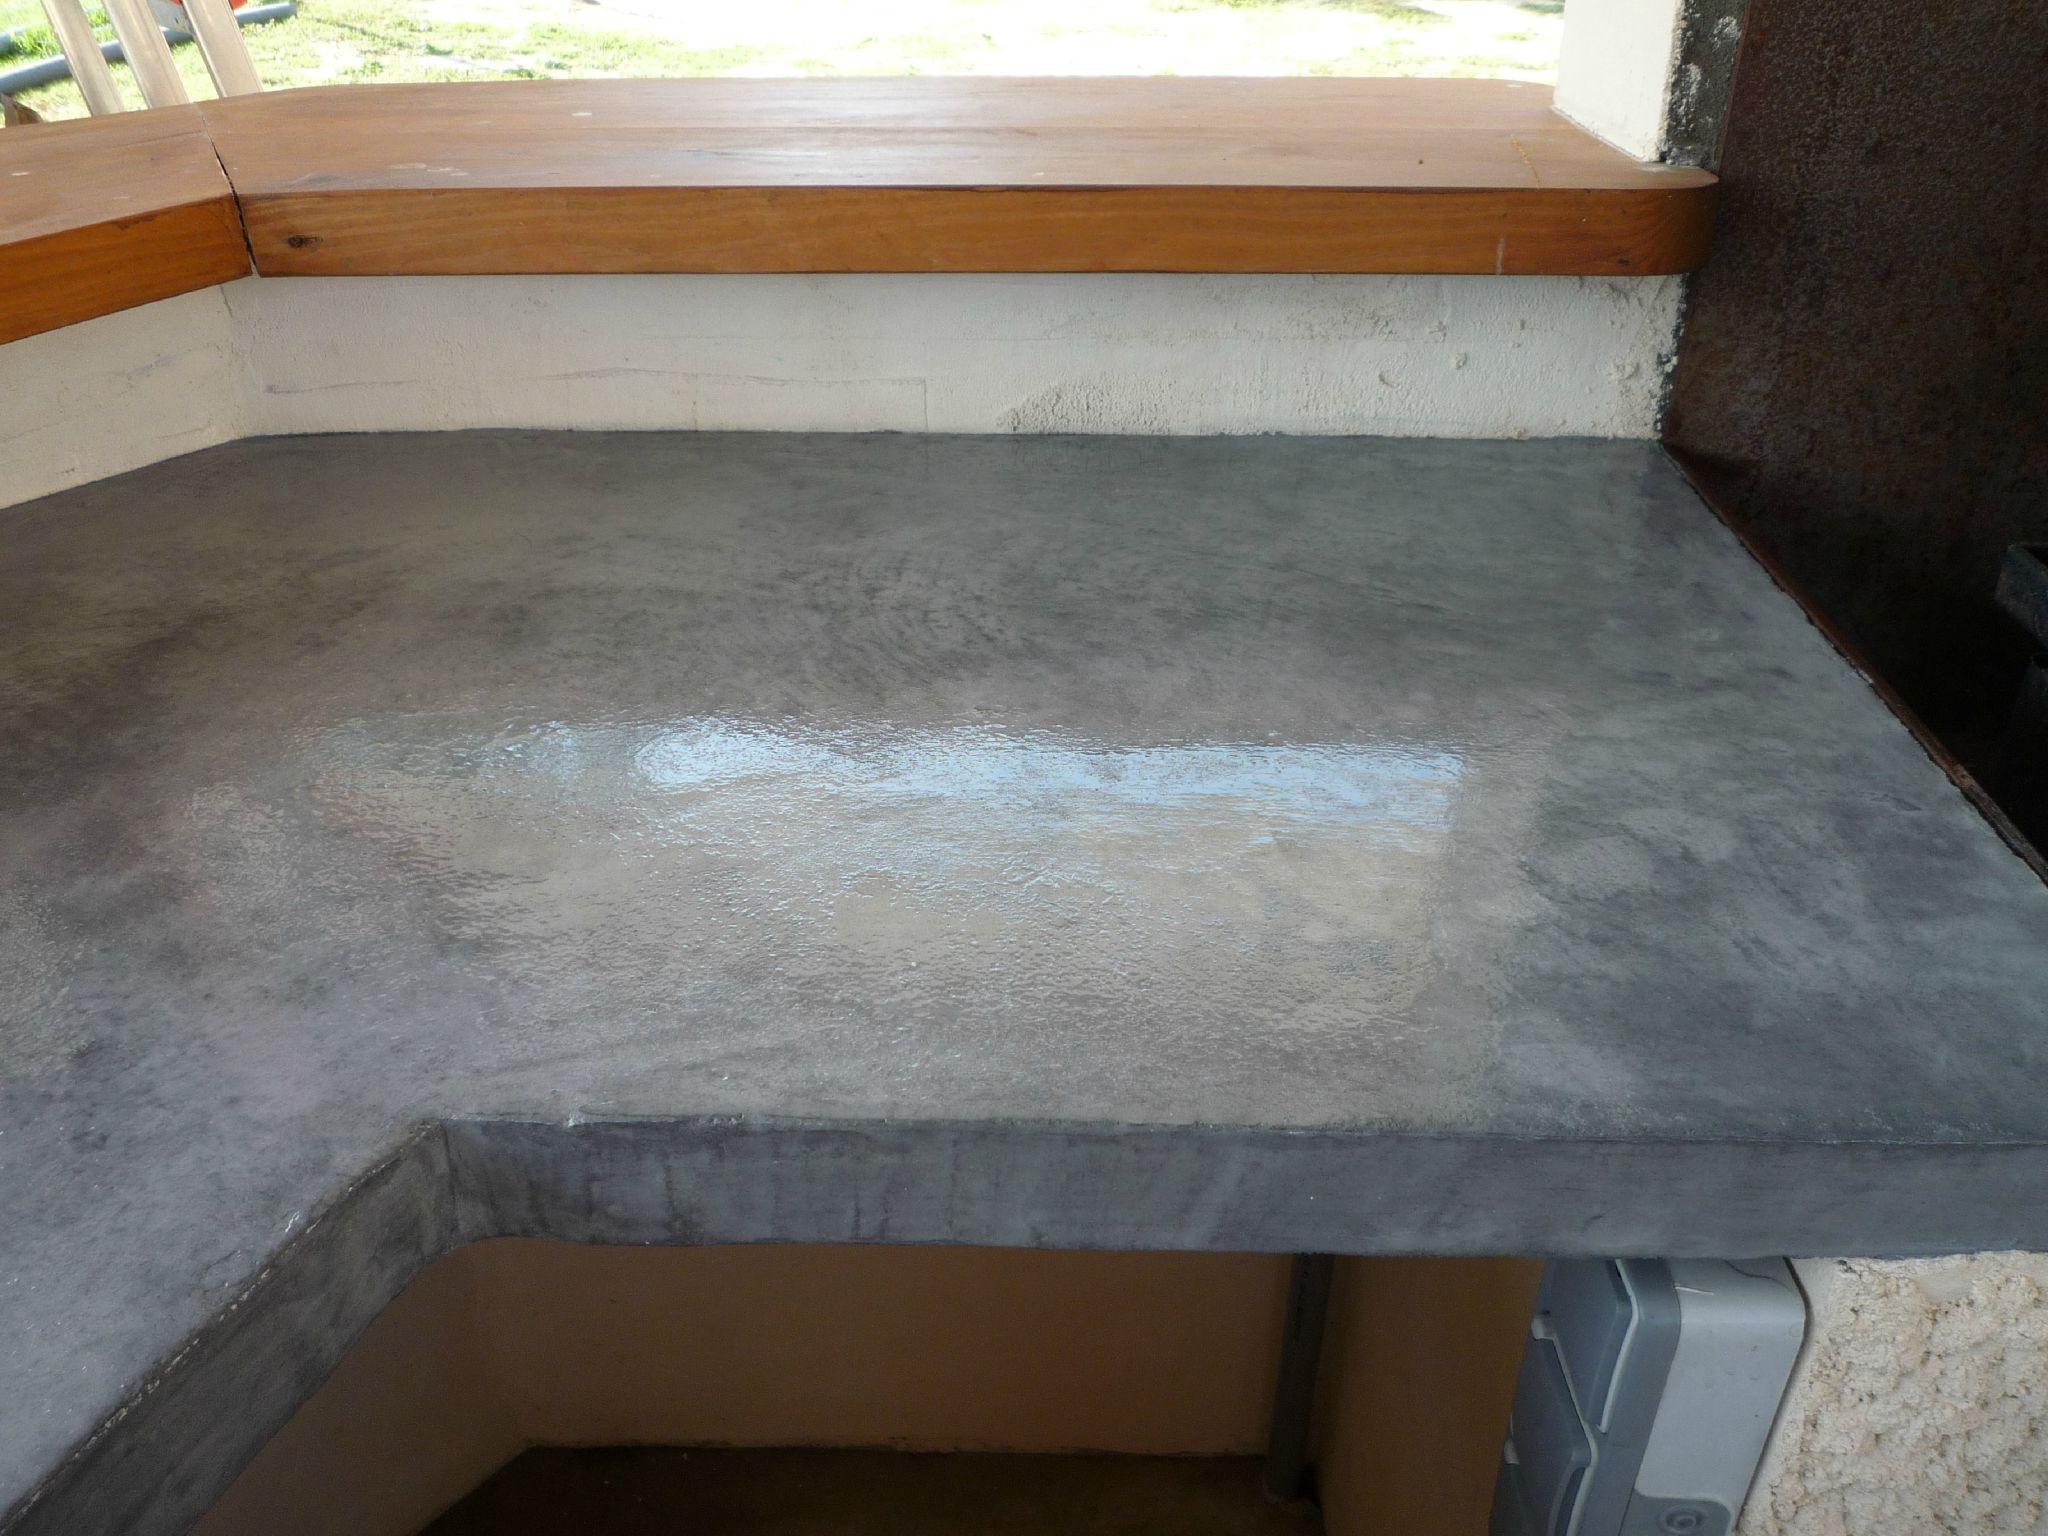 Plan de travail cuisine d 39 t photo de b ton cir - Plan de travail cuisine beton ...